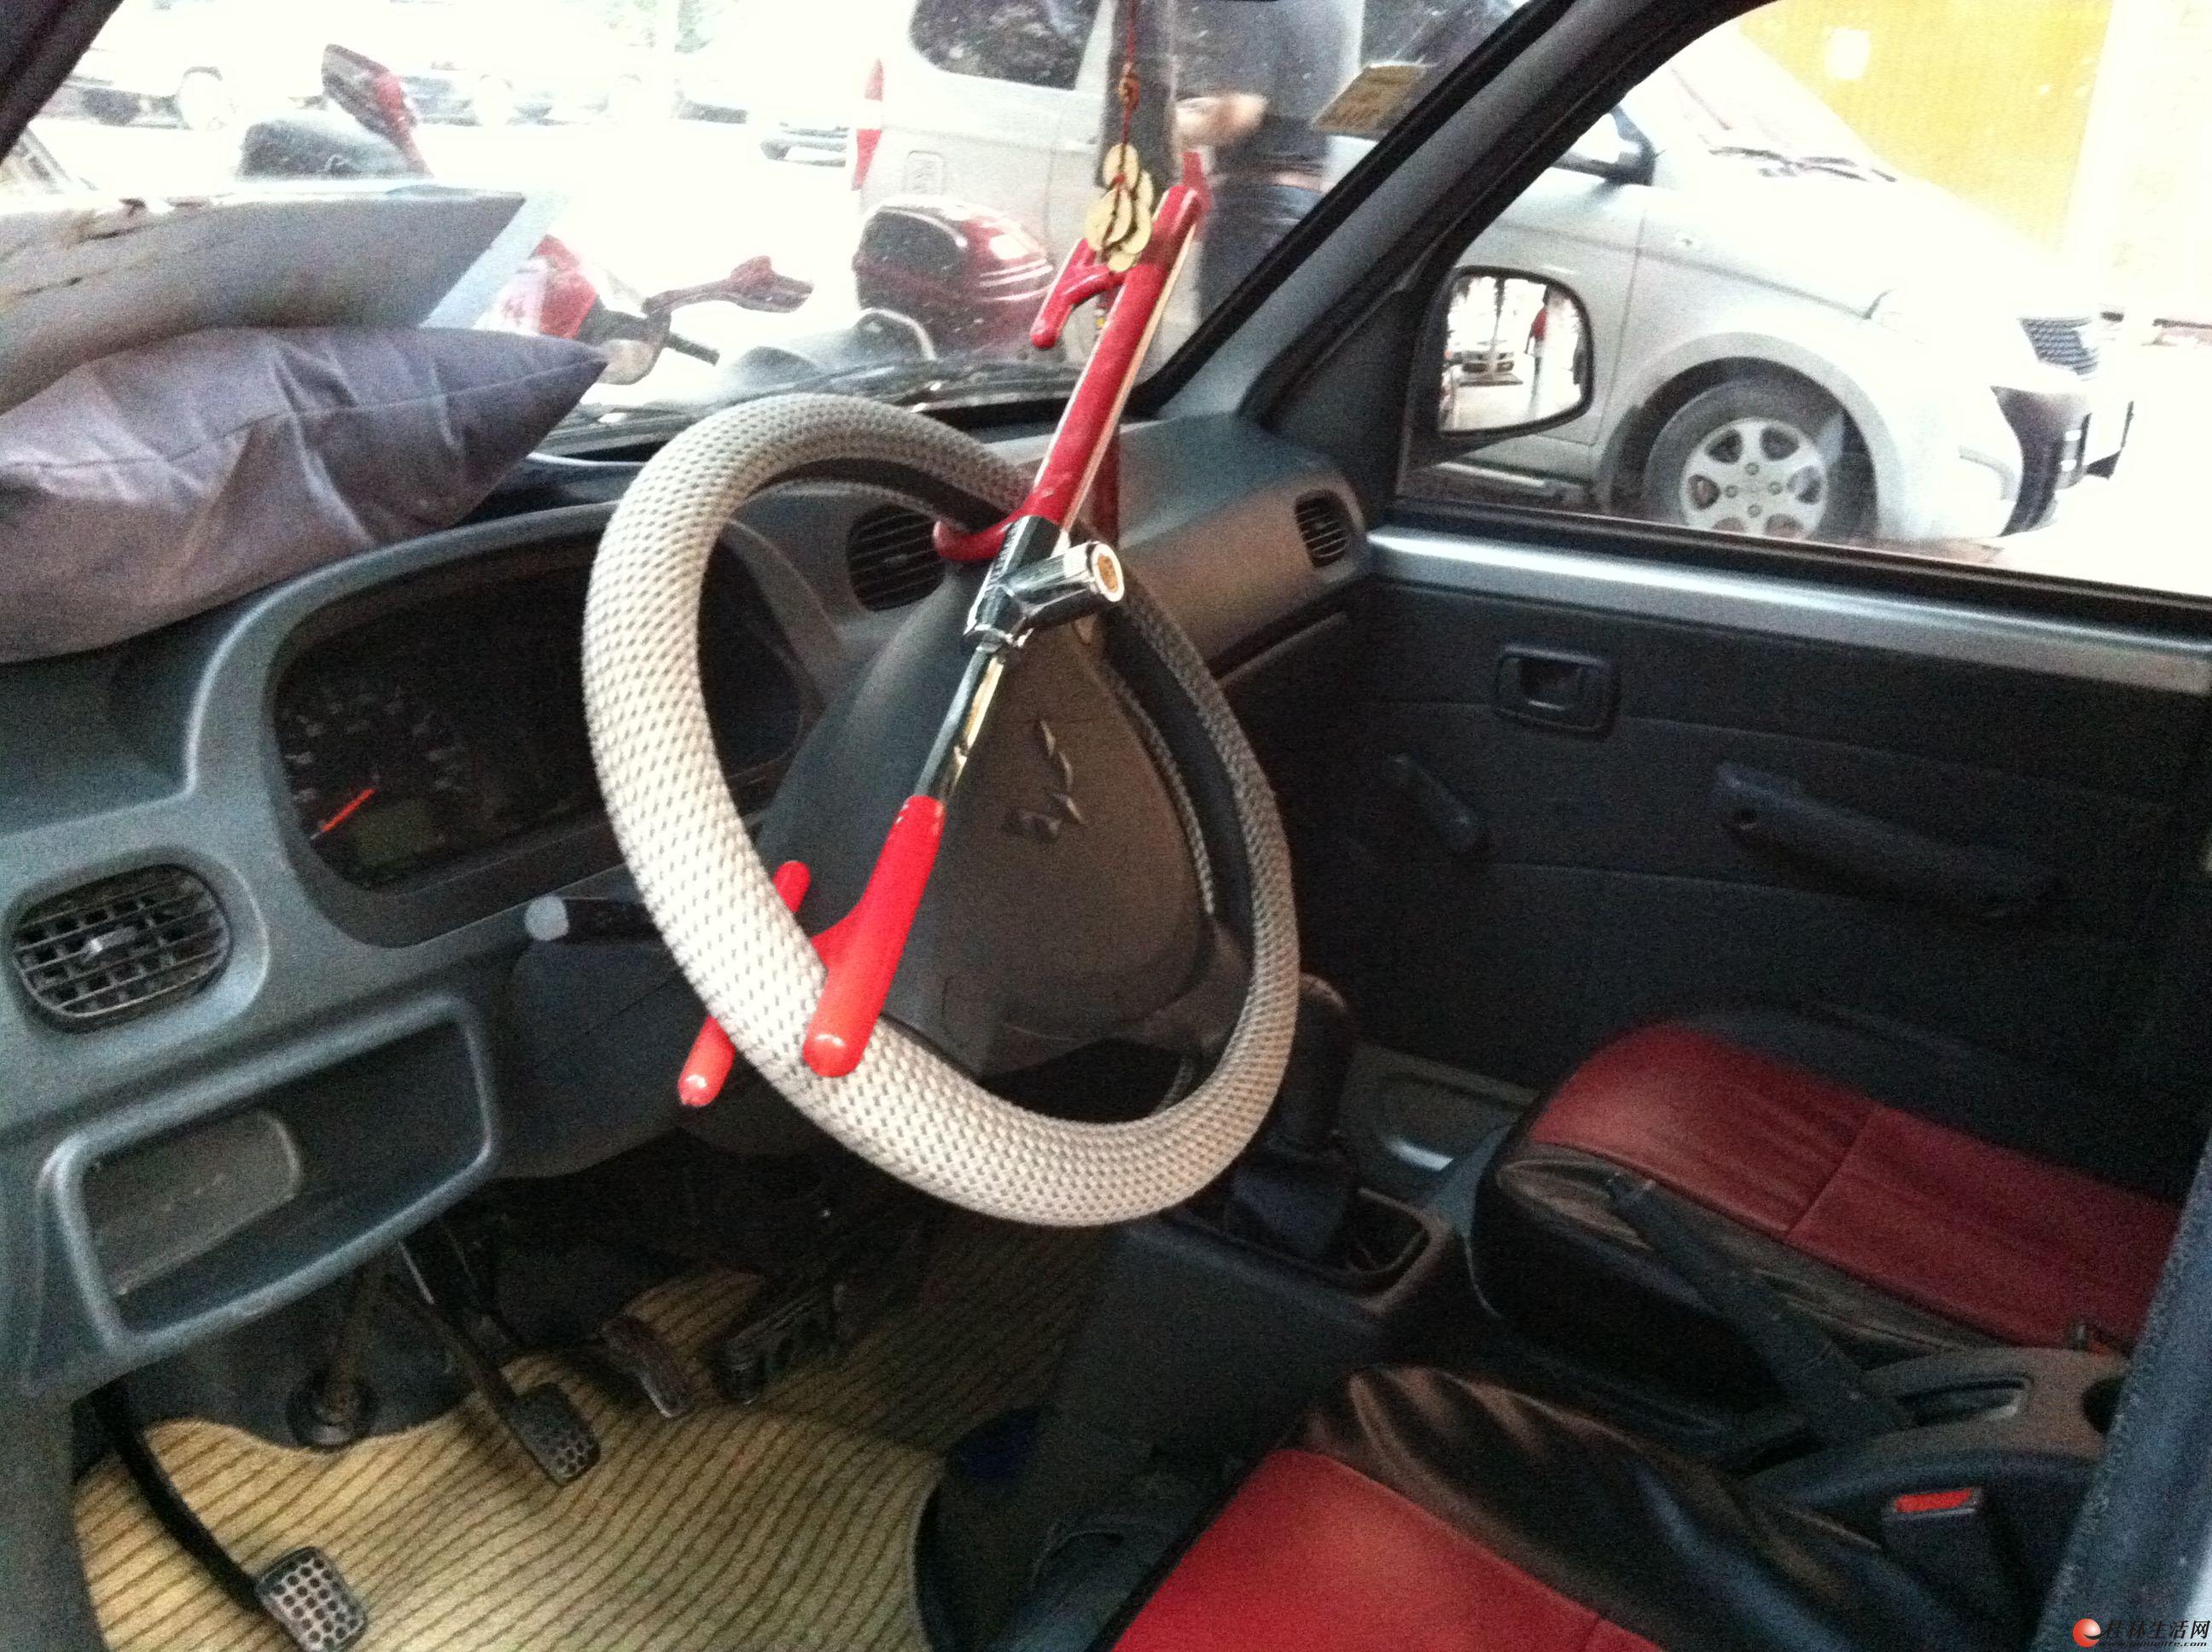 [出售] (原车图片)1年的五菱面包车(新五菱之光6390nf) 手动挡 ,新型n